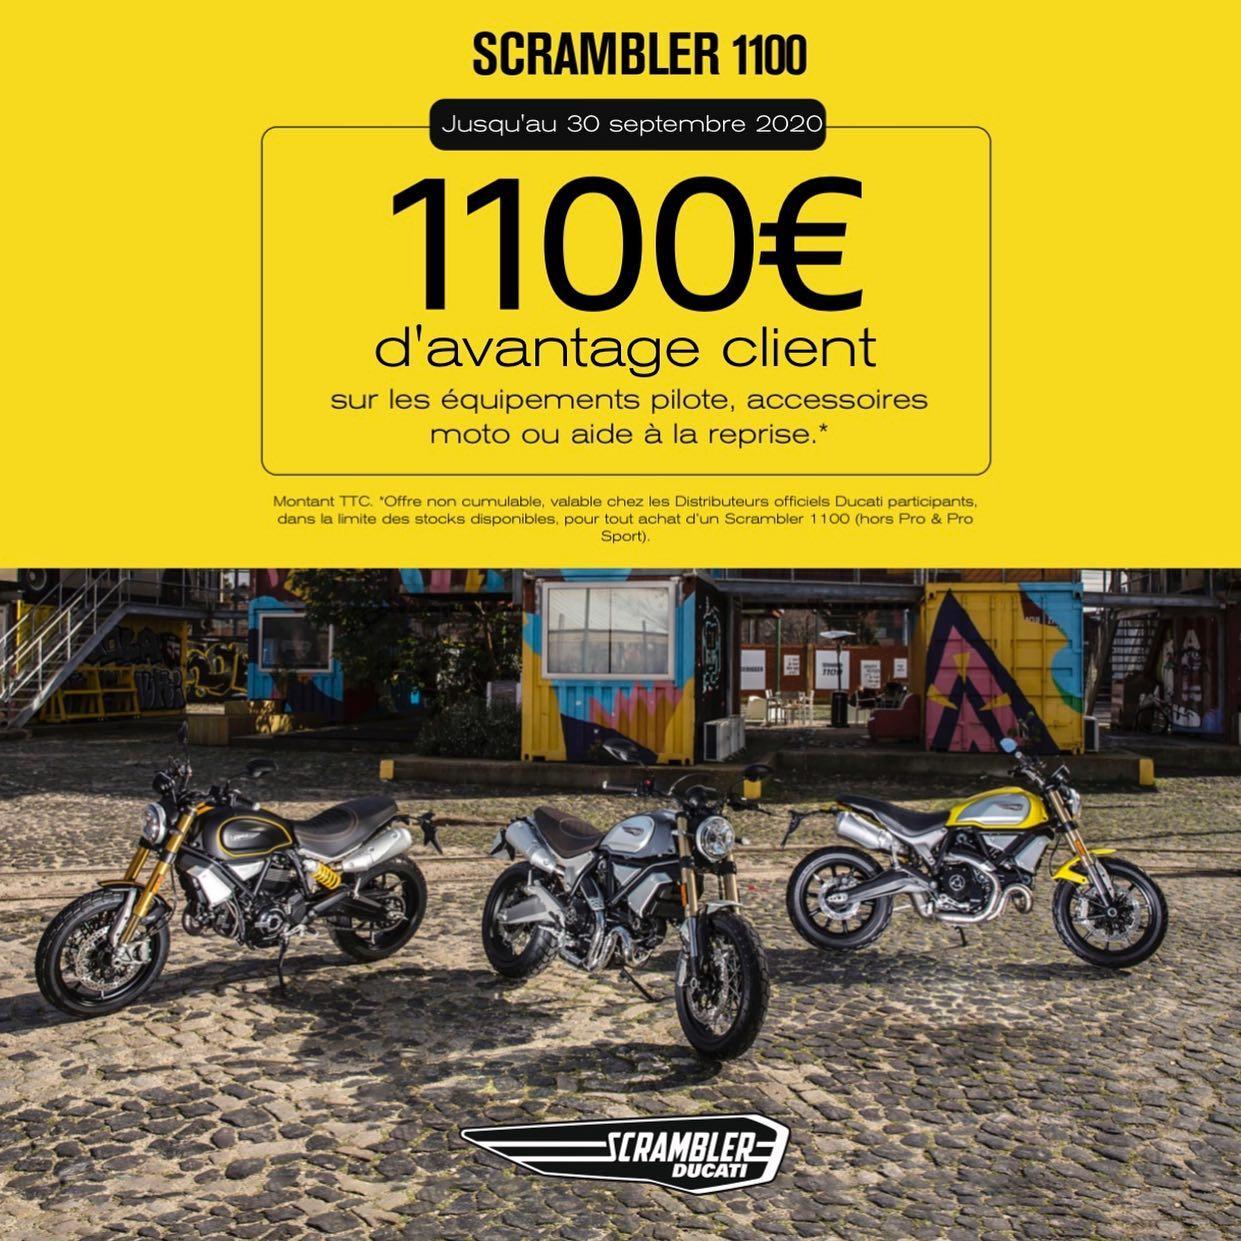 Avantage client sur la Scrambler 1100